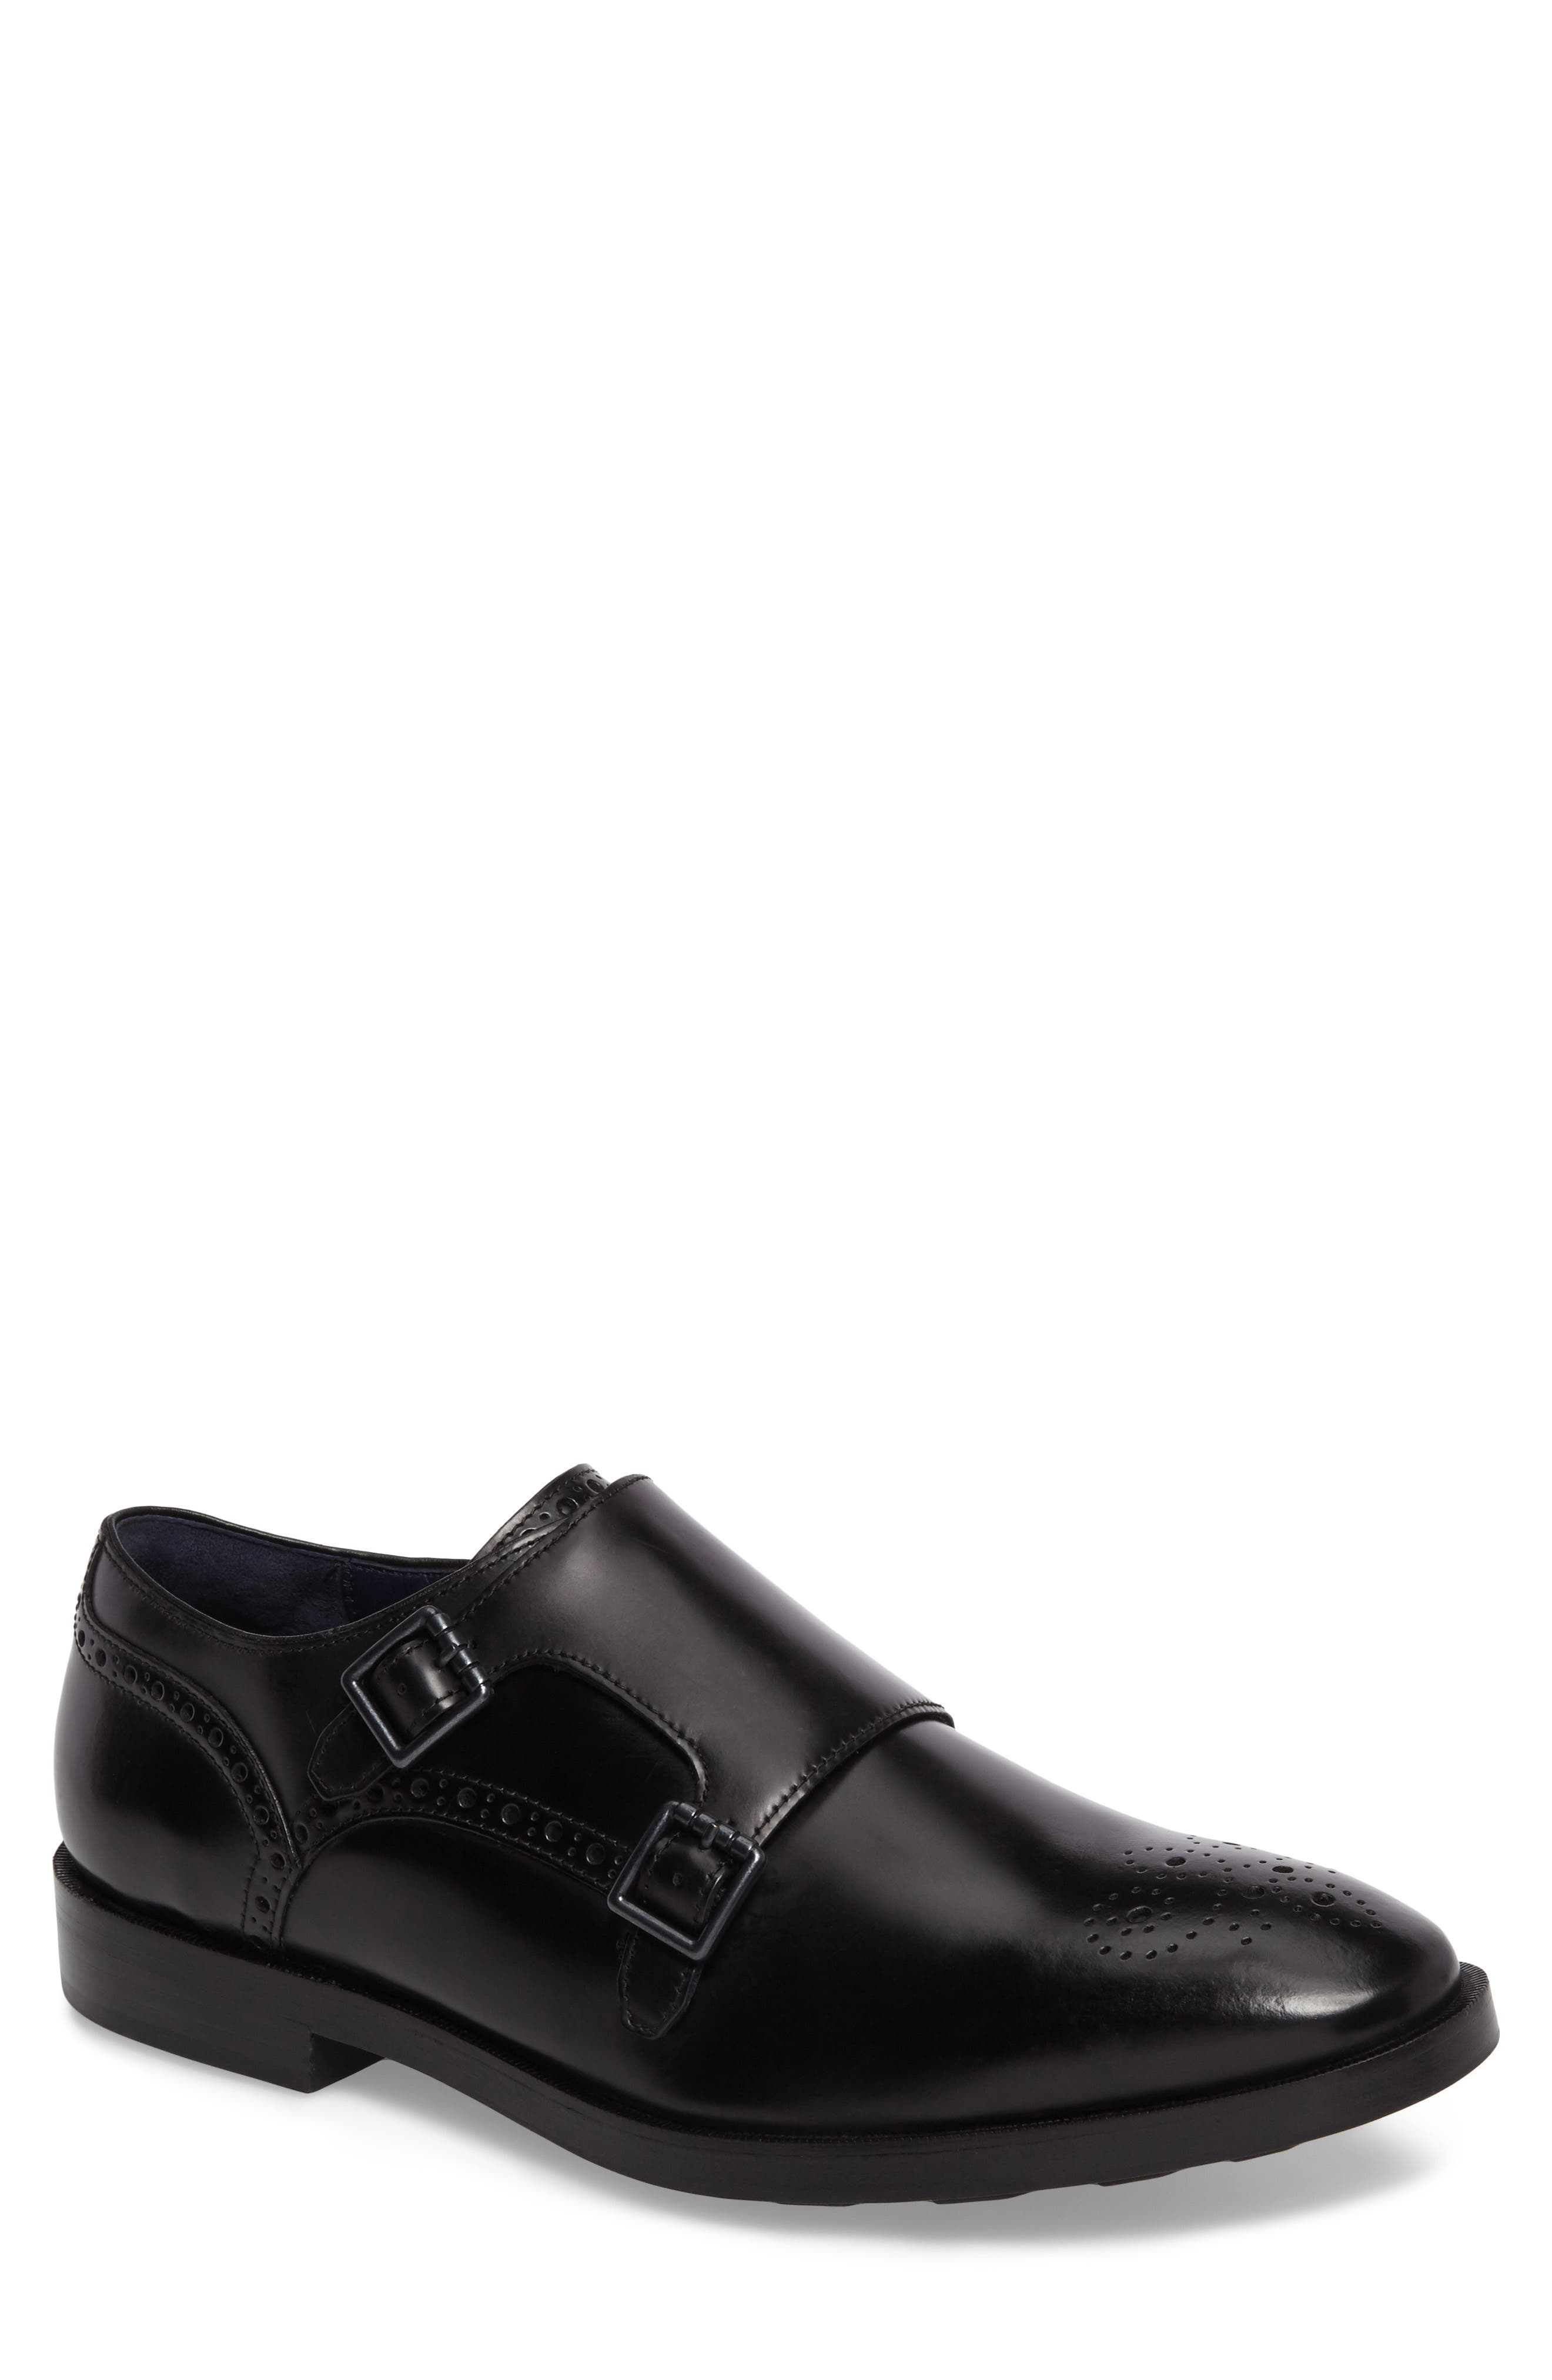 Main Image - Cole Haan Hamilton Double Monk Strap Shoe (Men)